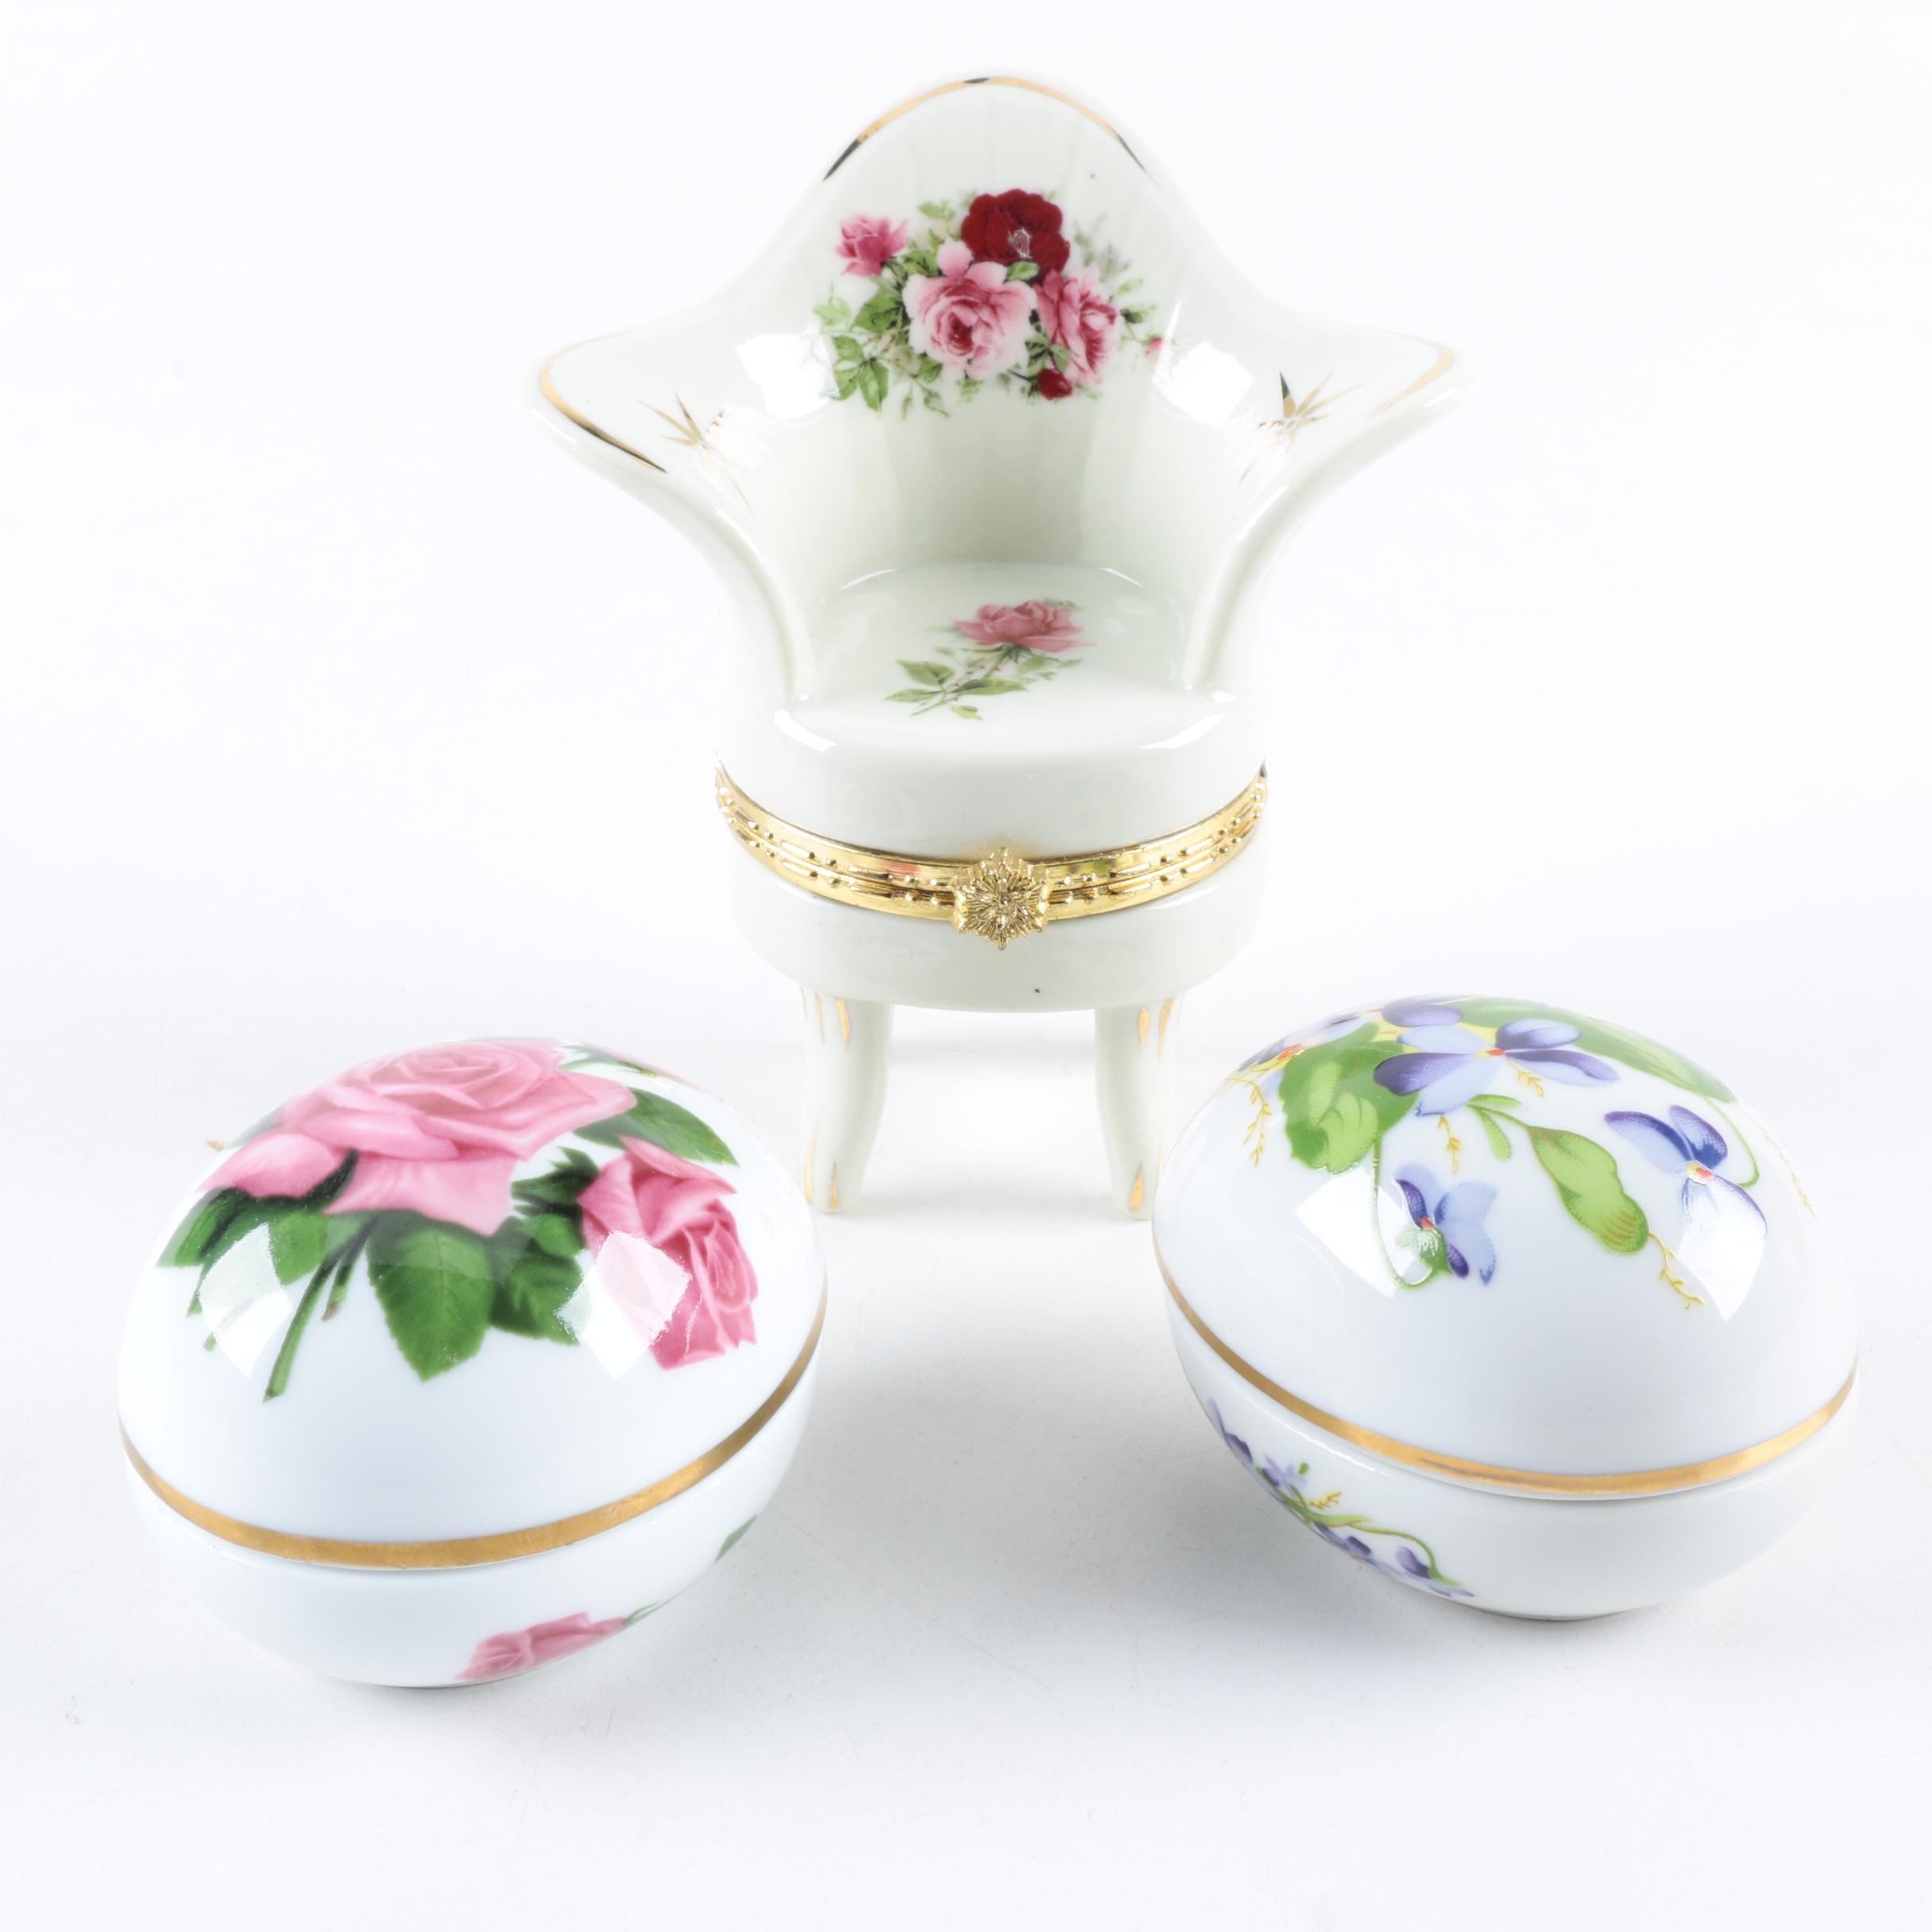 Porcelain Trinket Boxes Including The Danbury Mint